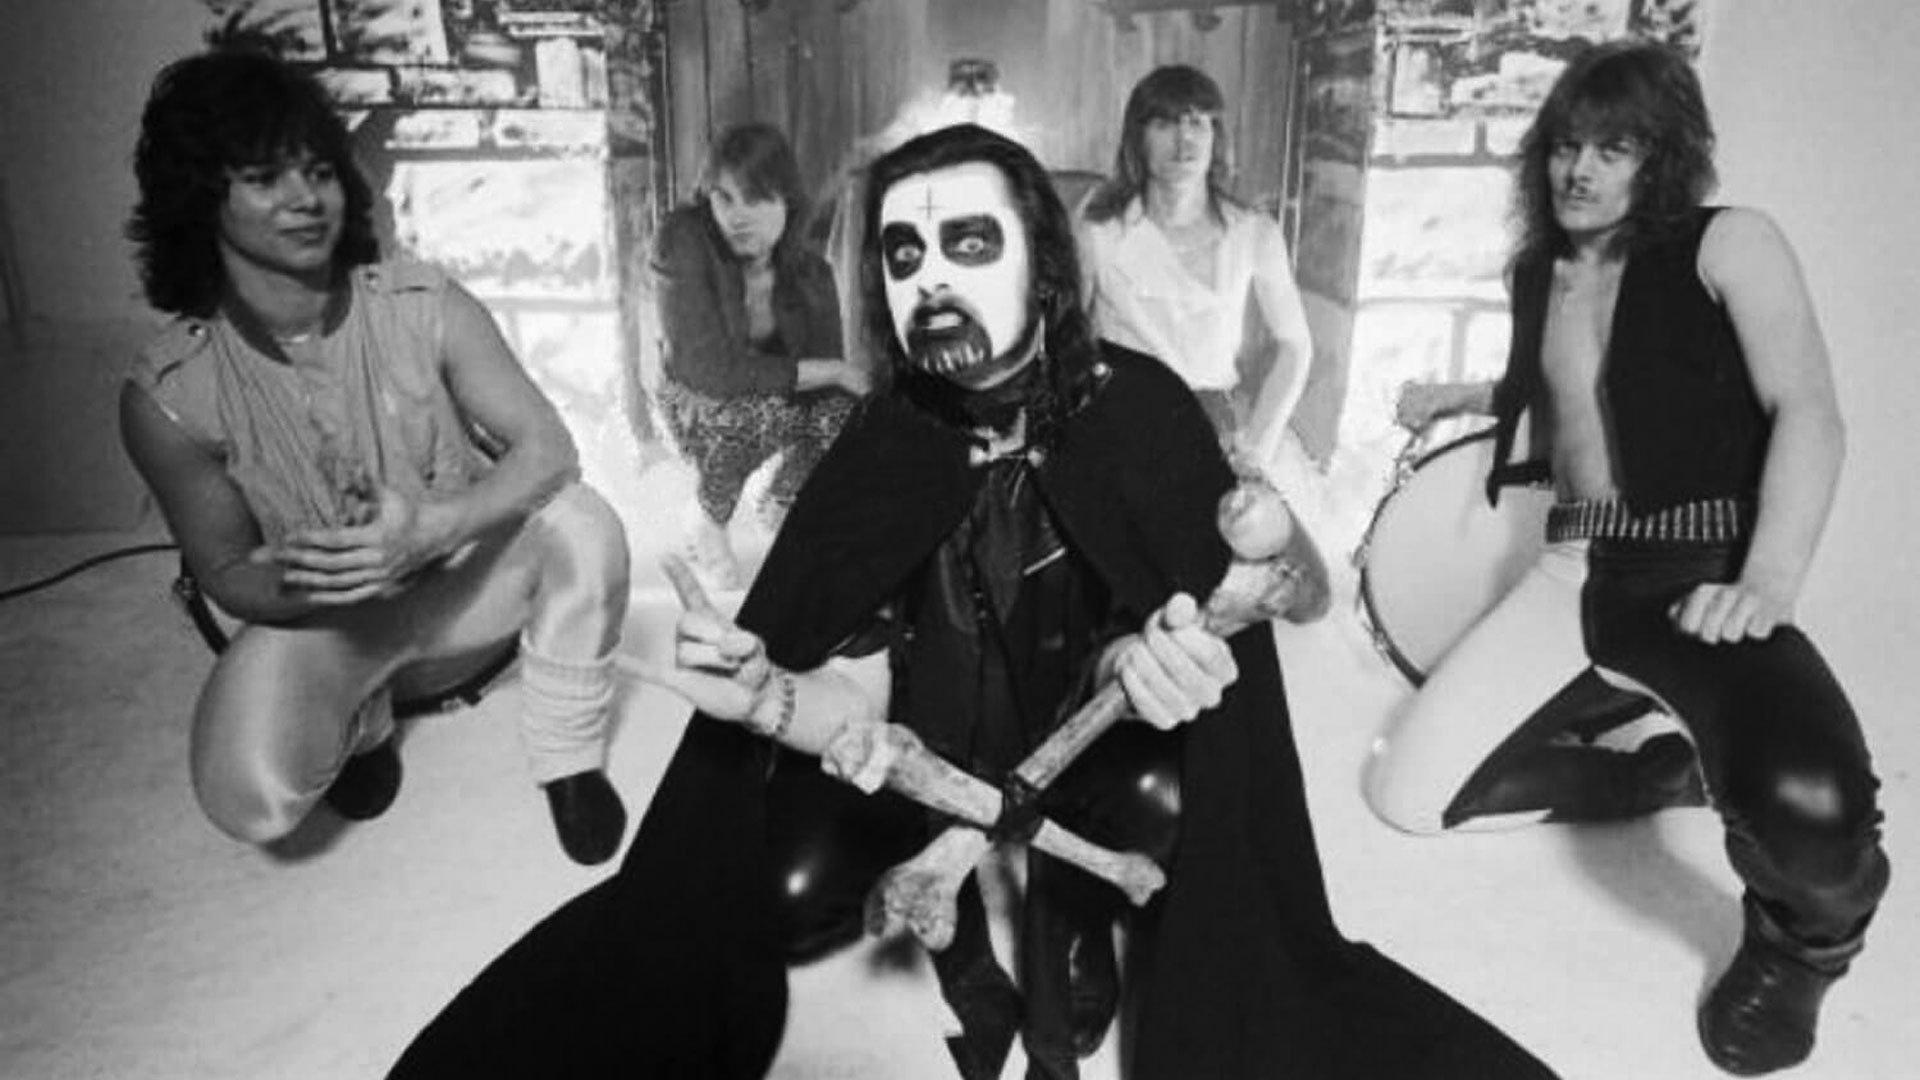 mercyful-fate-band-1983-180409_1920x.jpg